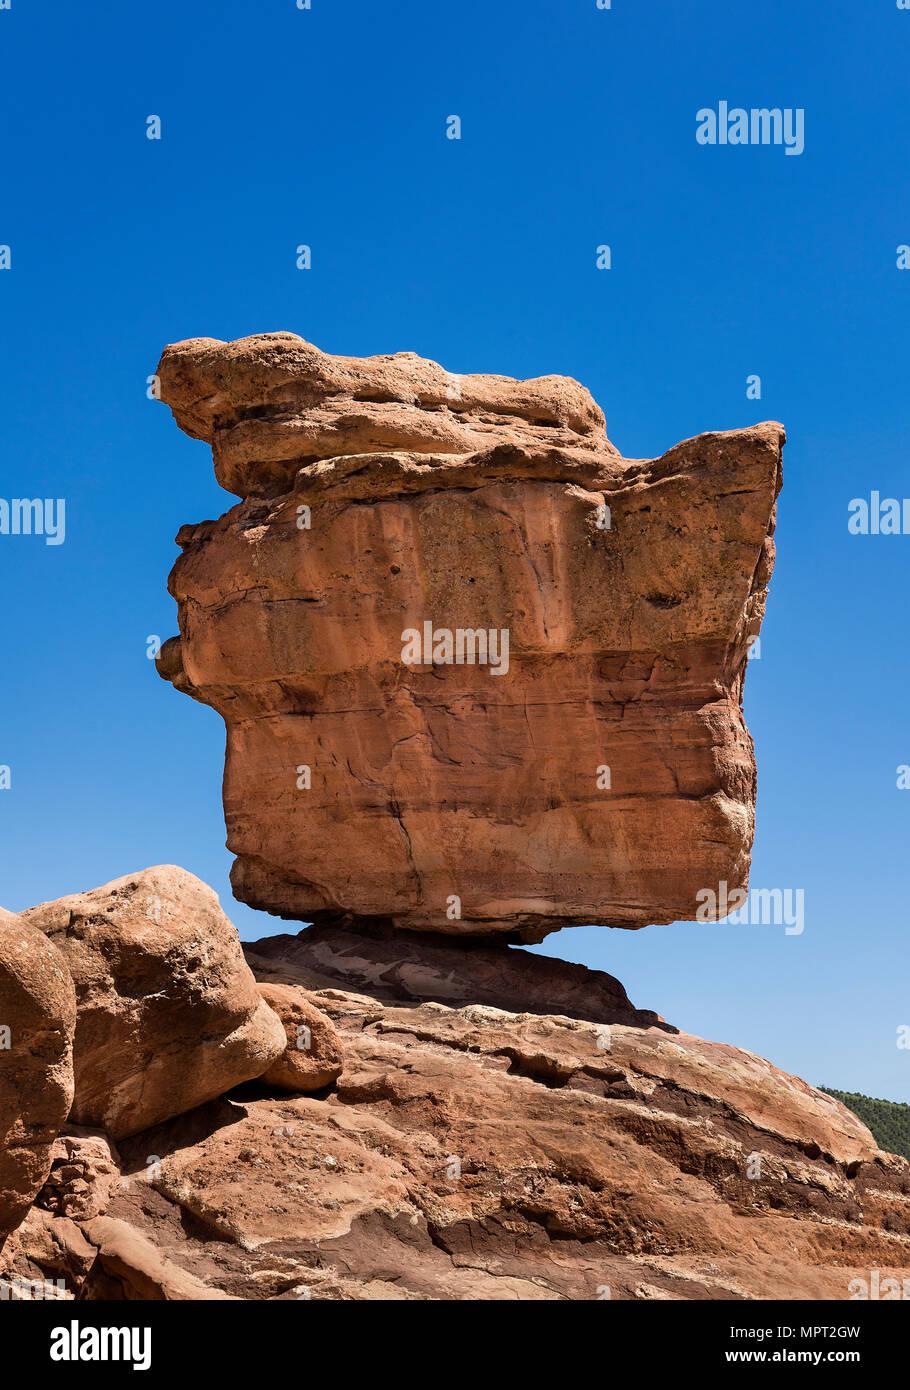 Balanced Rock, Garden Of The Gods, Colorado Springs, Colorado, USA. - Stock Image